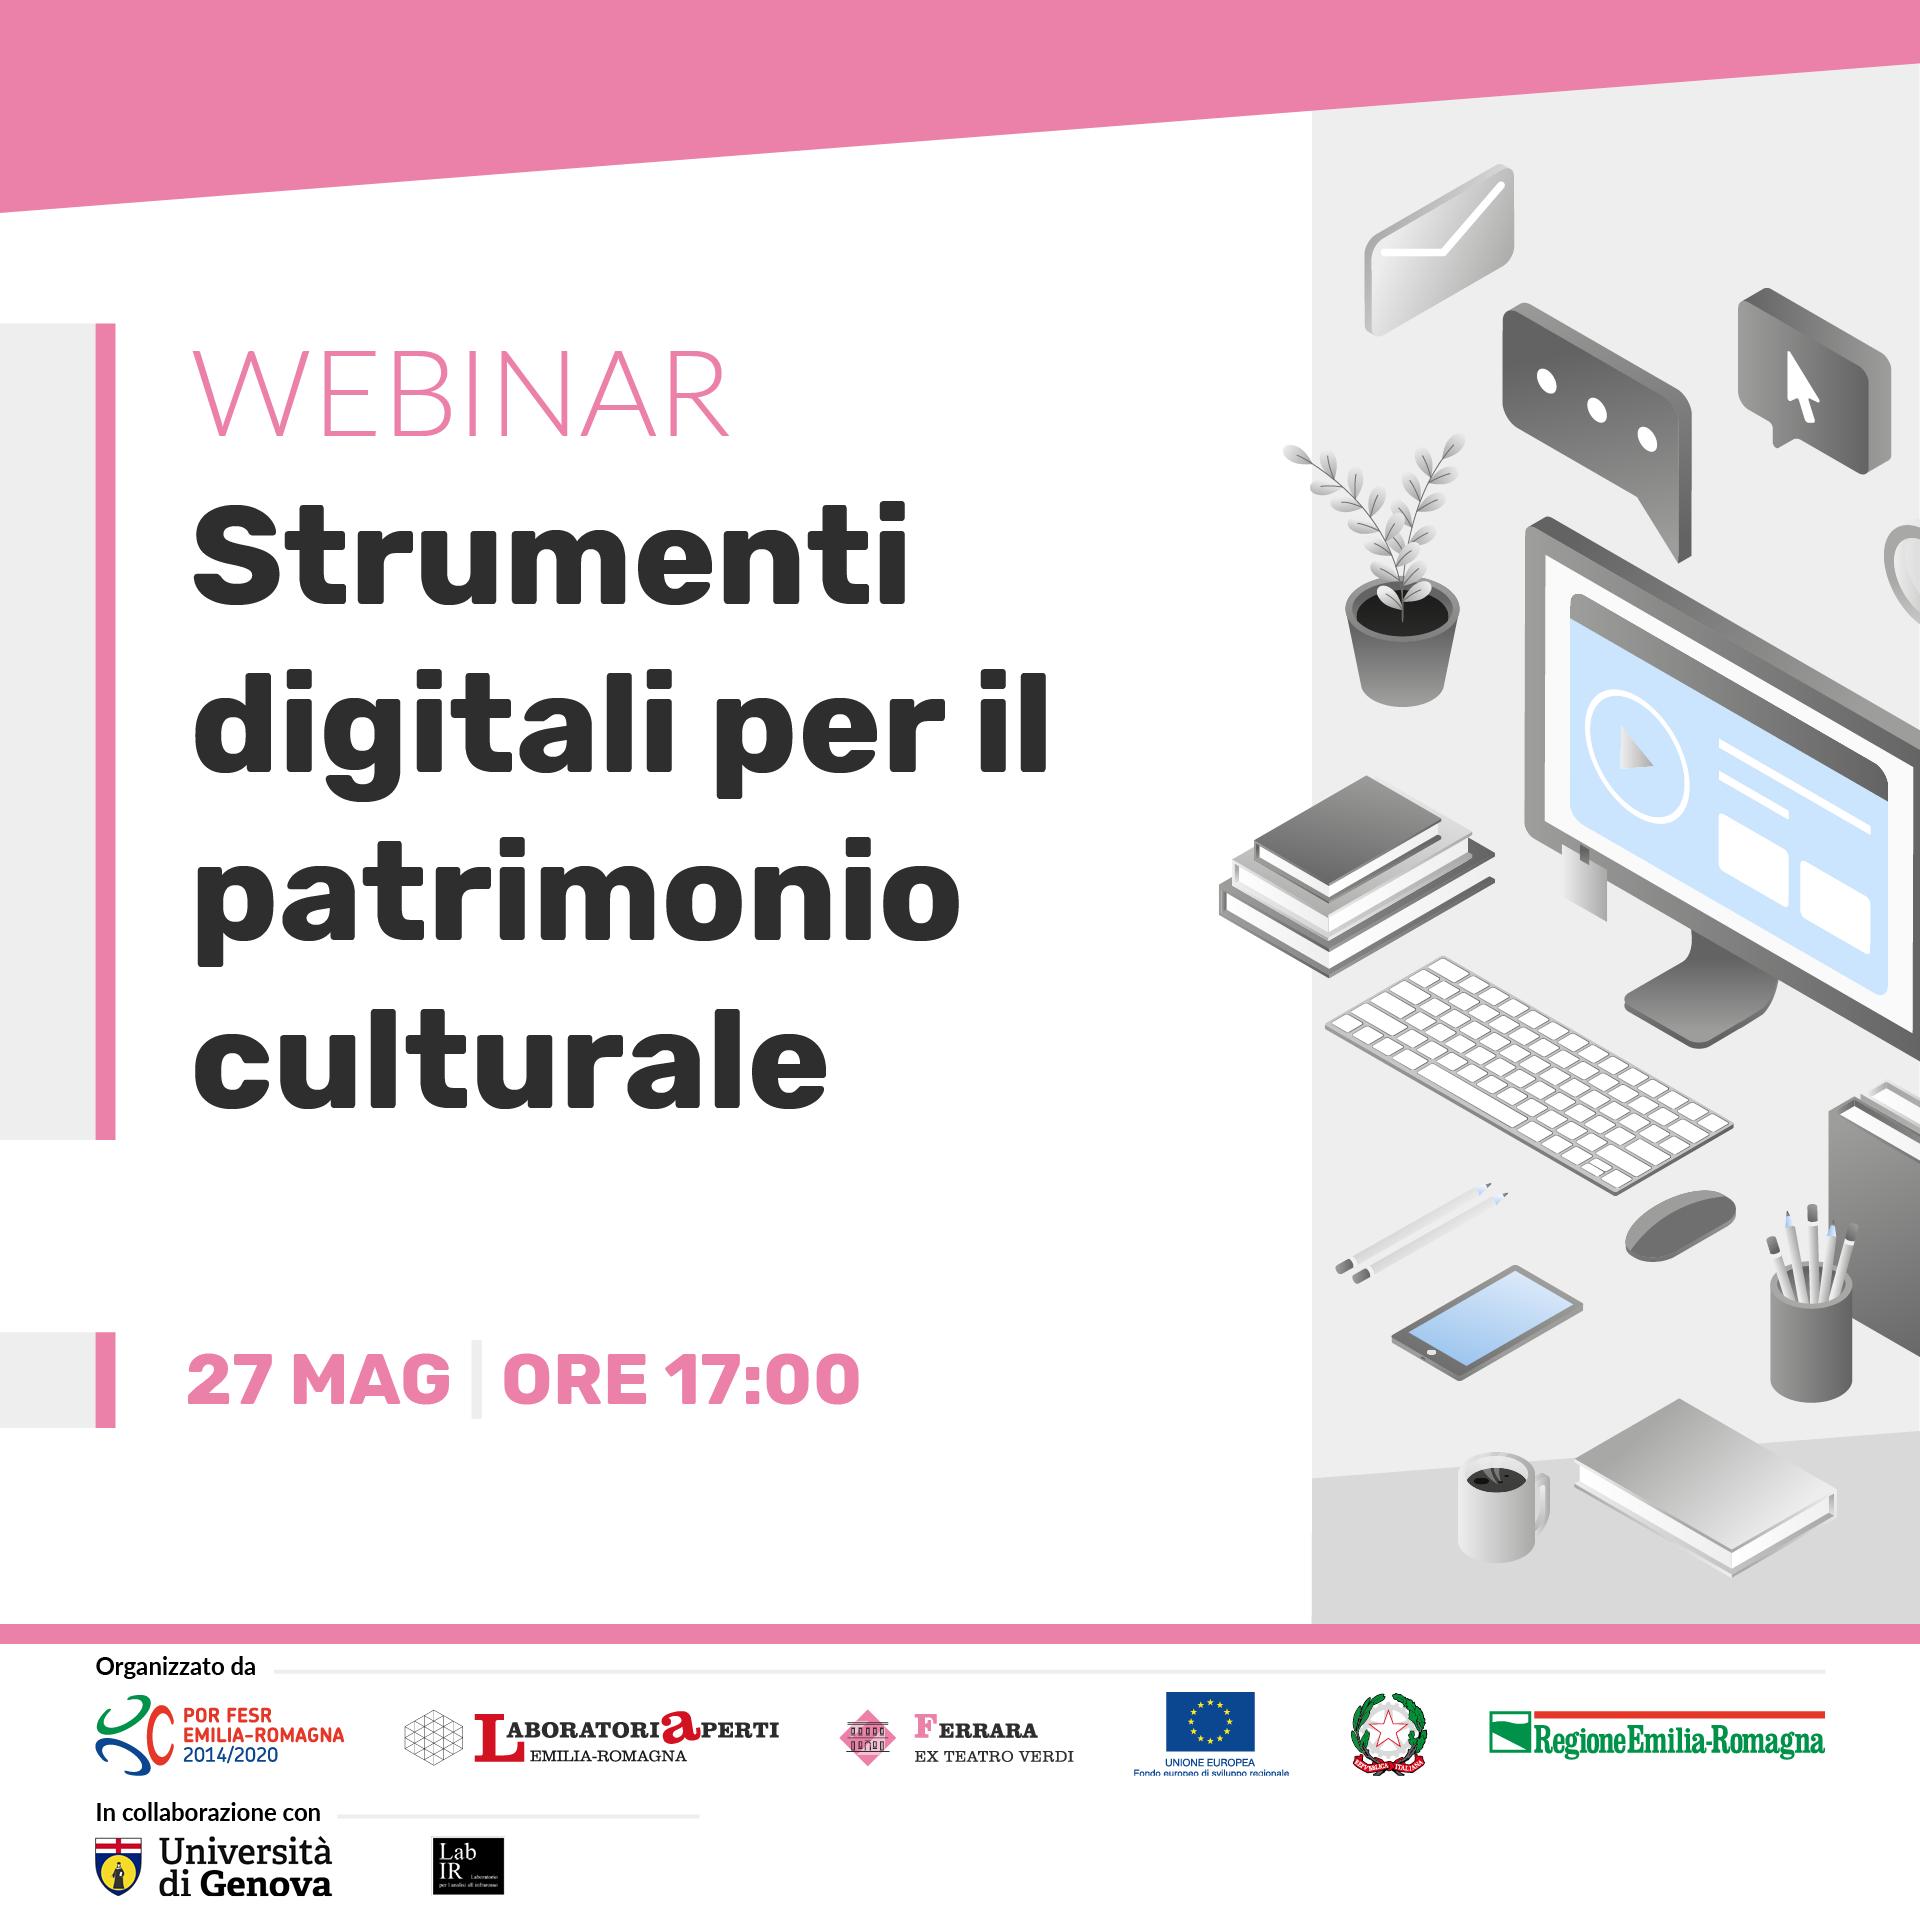 WEBINAR: Strumenti digitali per il patrimonio culturale  | 27 MAGGIO H 17:00